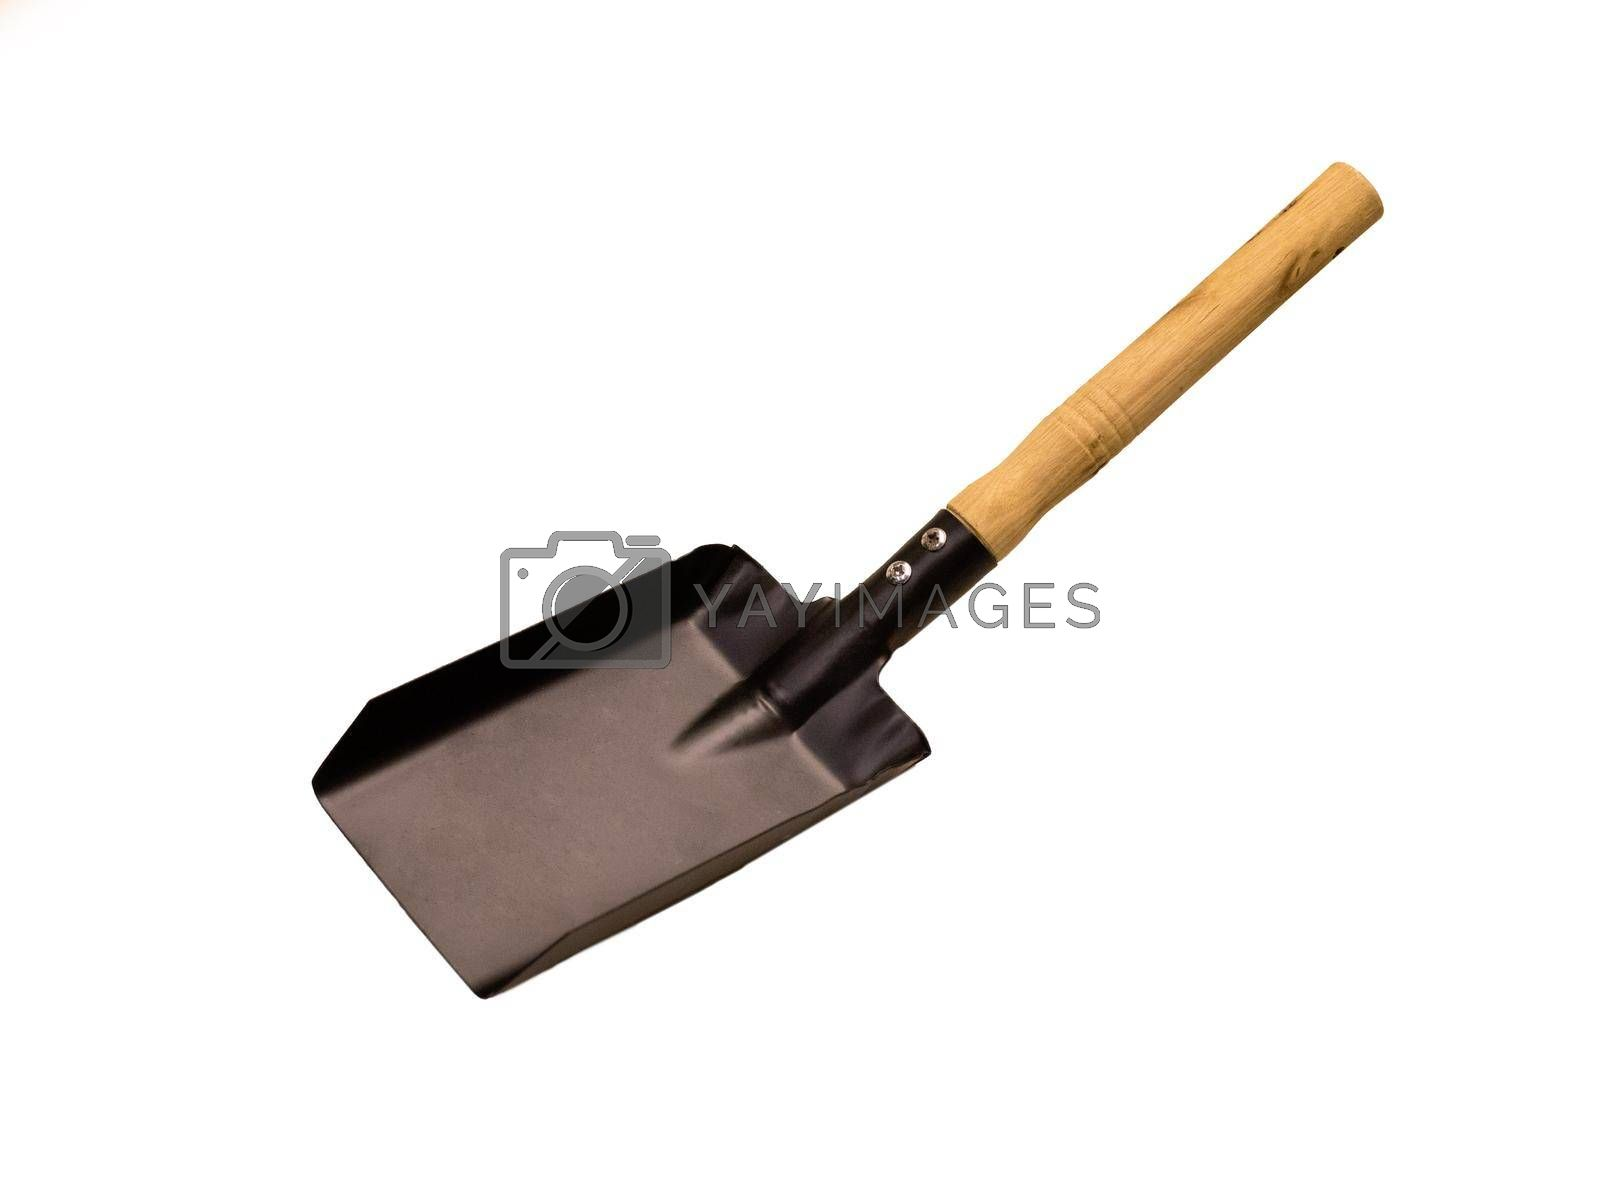 New shovel on white background